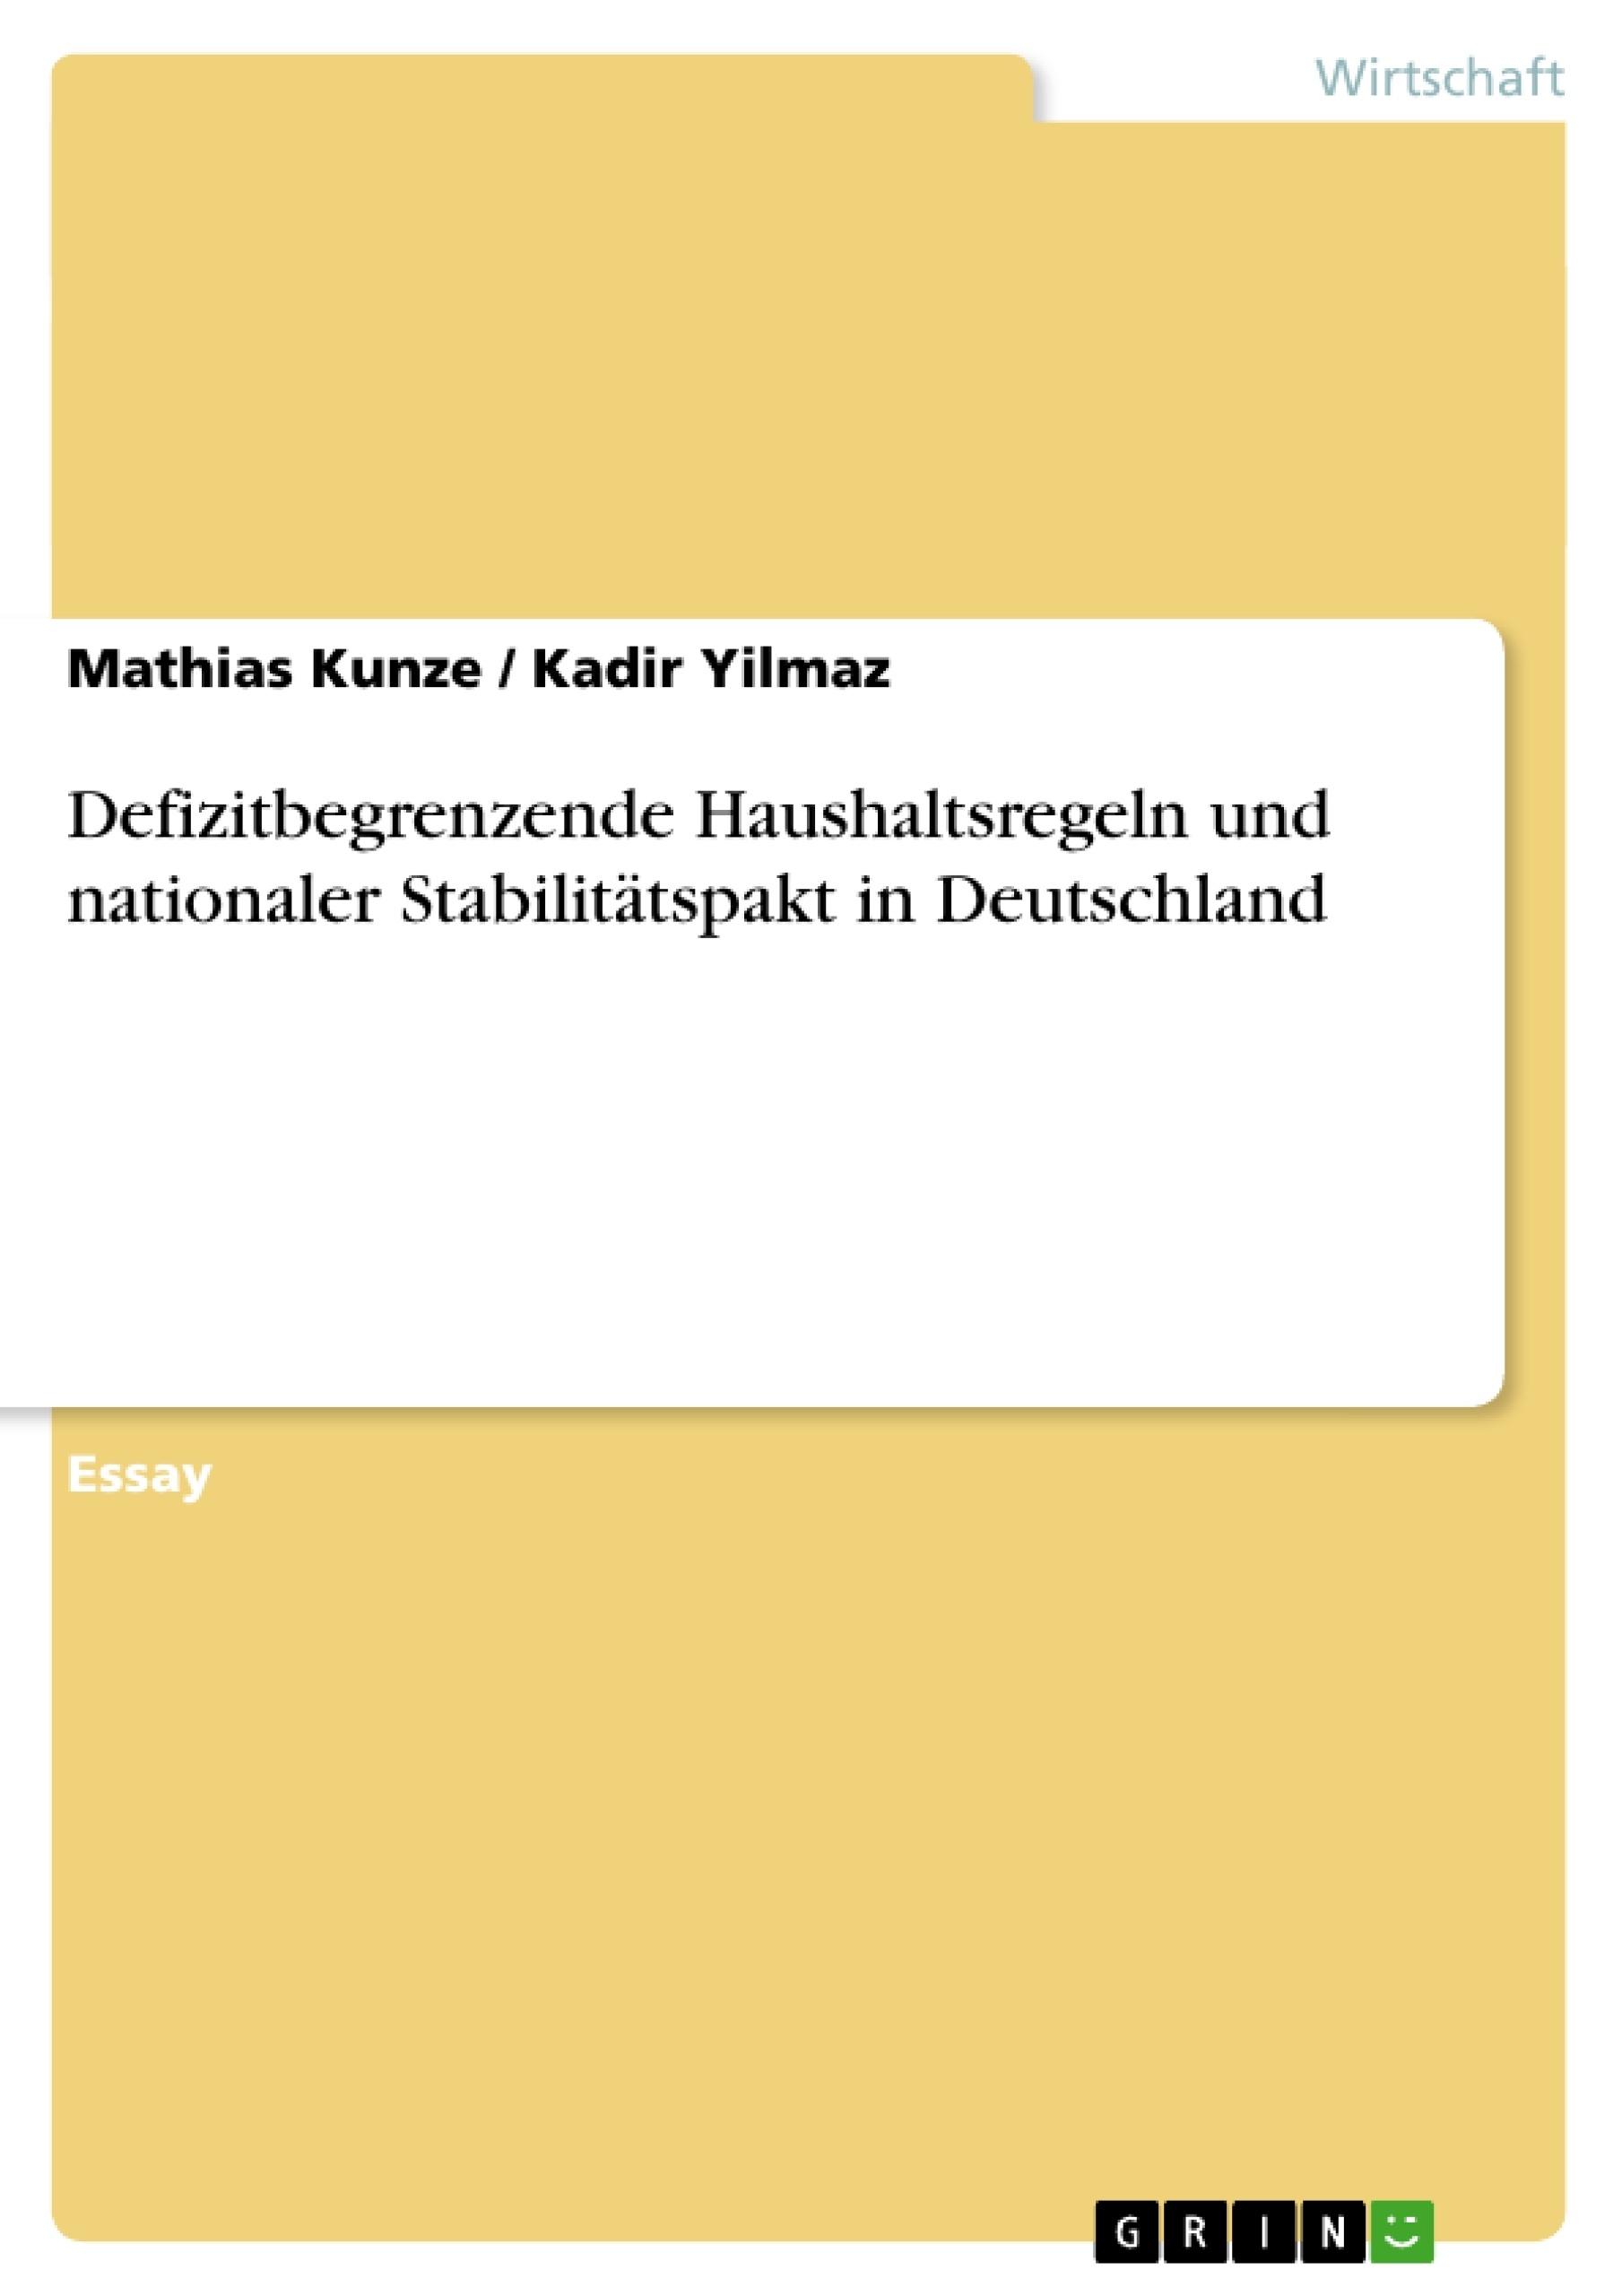 Titel: Defizitbegrenzende Haushaltsregeln und nationaler Stabilitätspakt in Deutschland